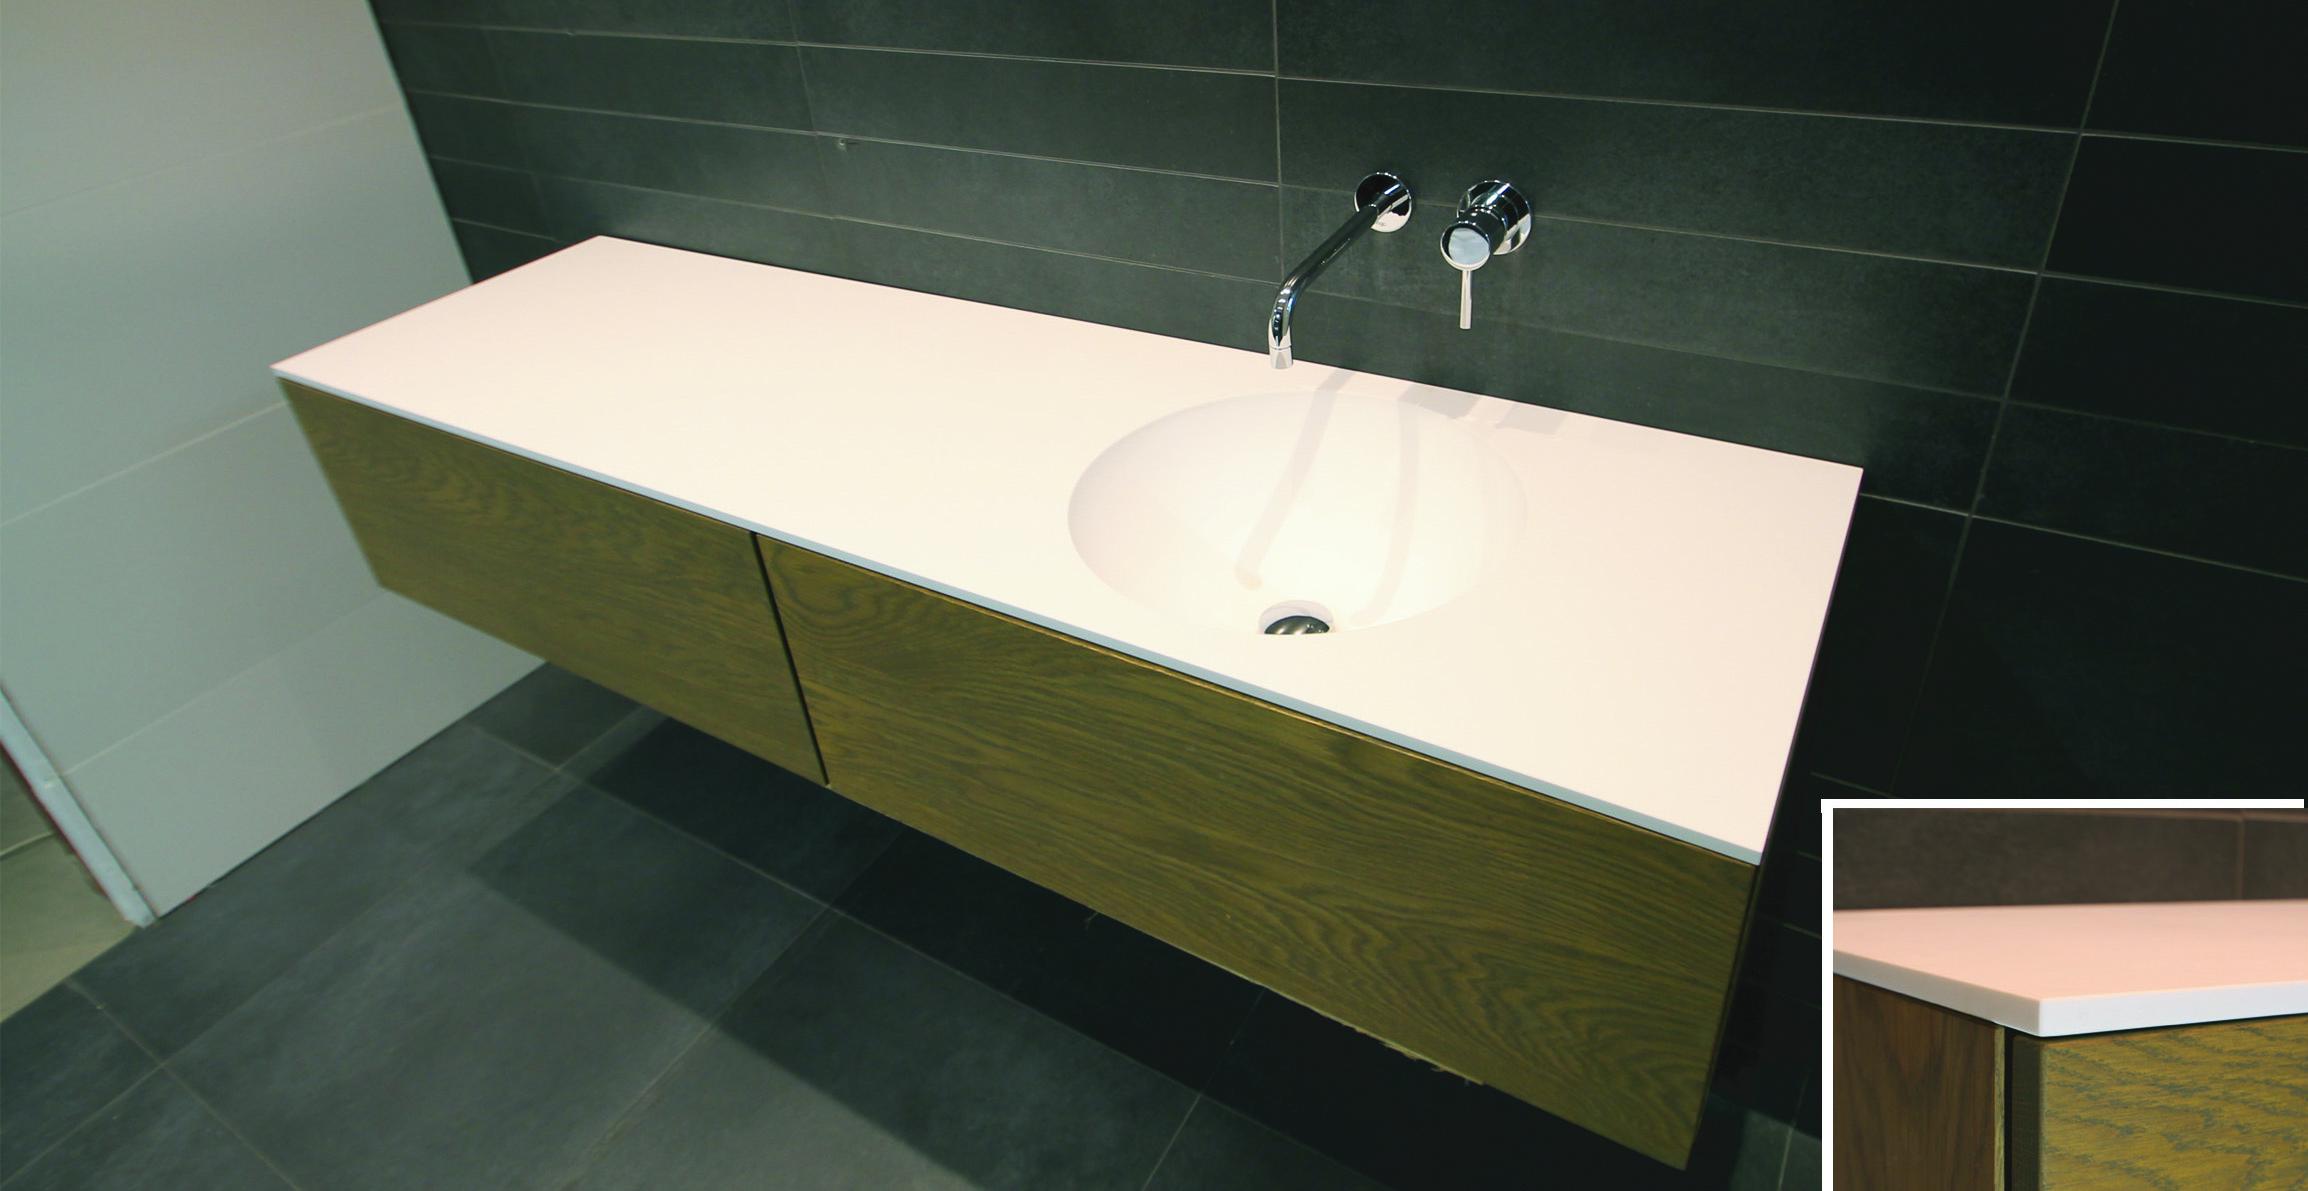 Hi macs badkamermeubel badkamer ontwerp idee n voor uw huis samen met meubels die - Wastafel badkamer ontwerp ...